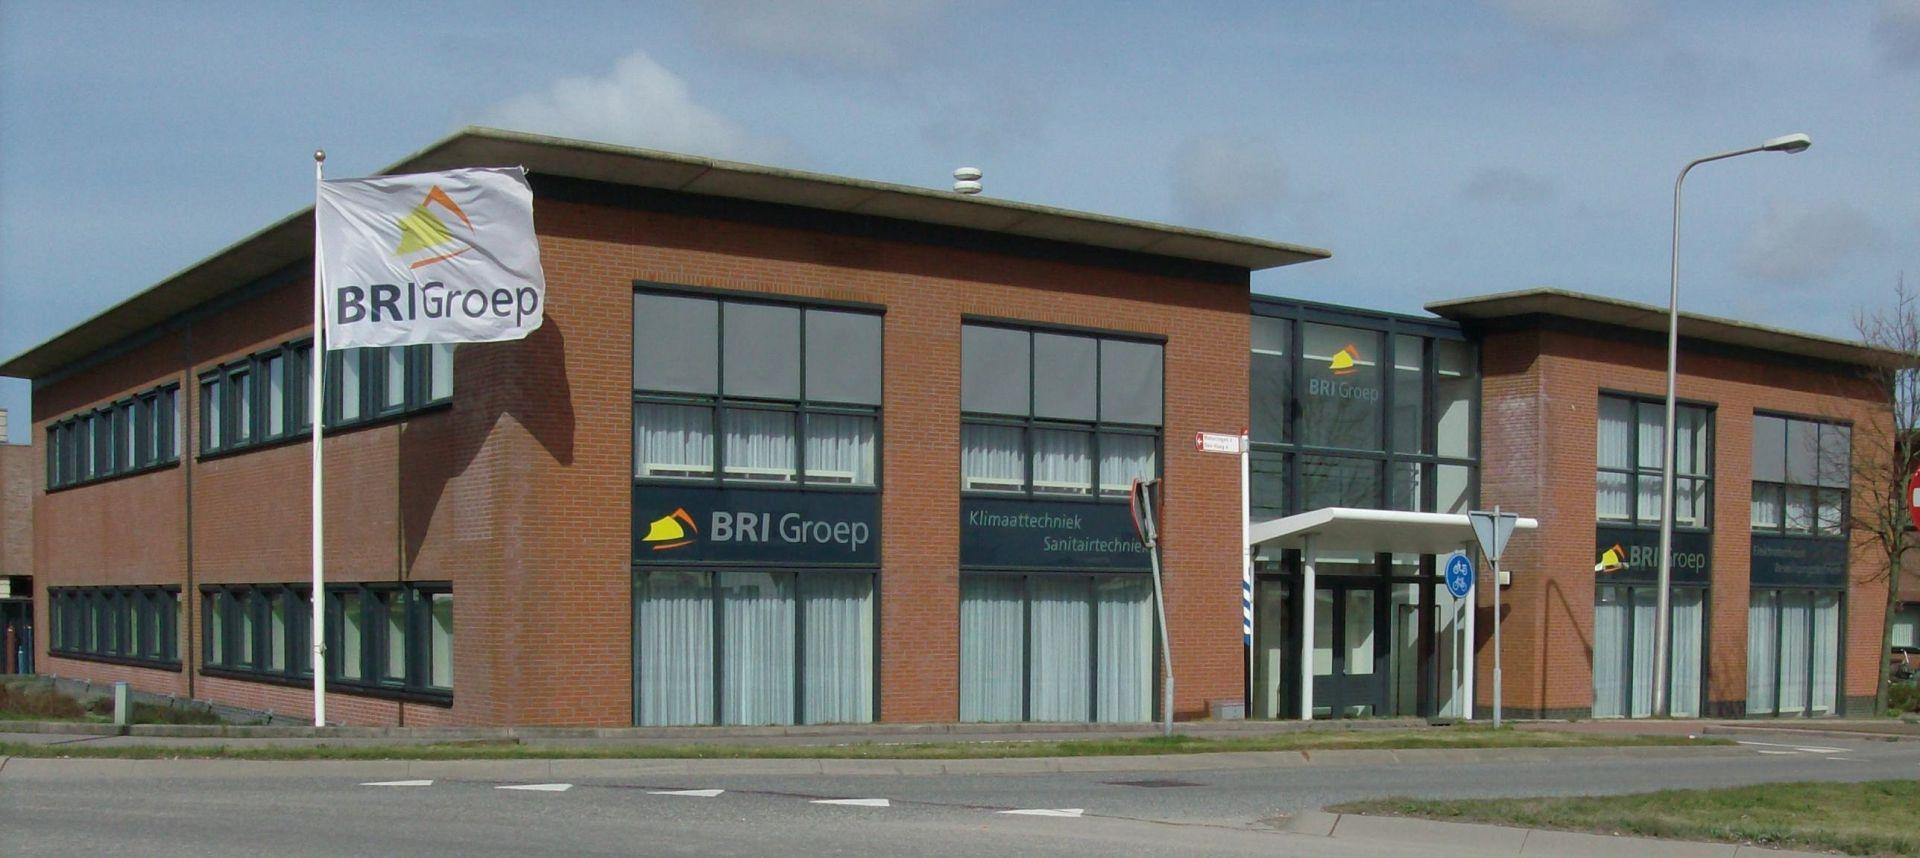 BRI Groep